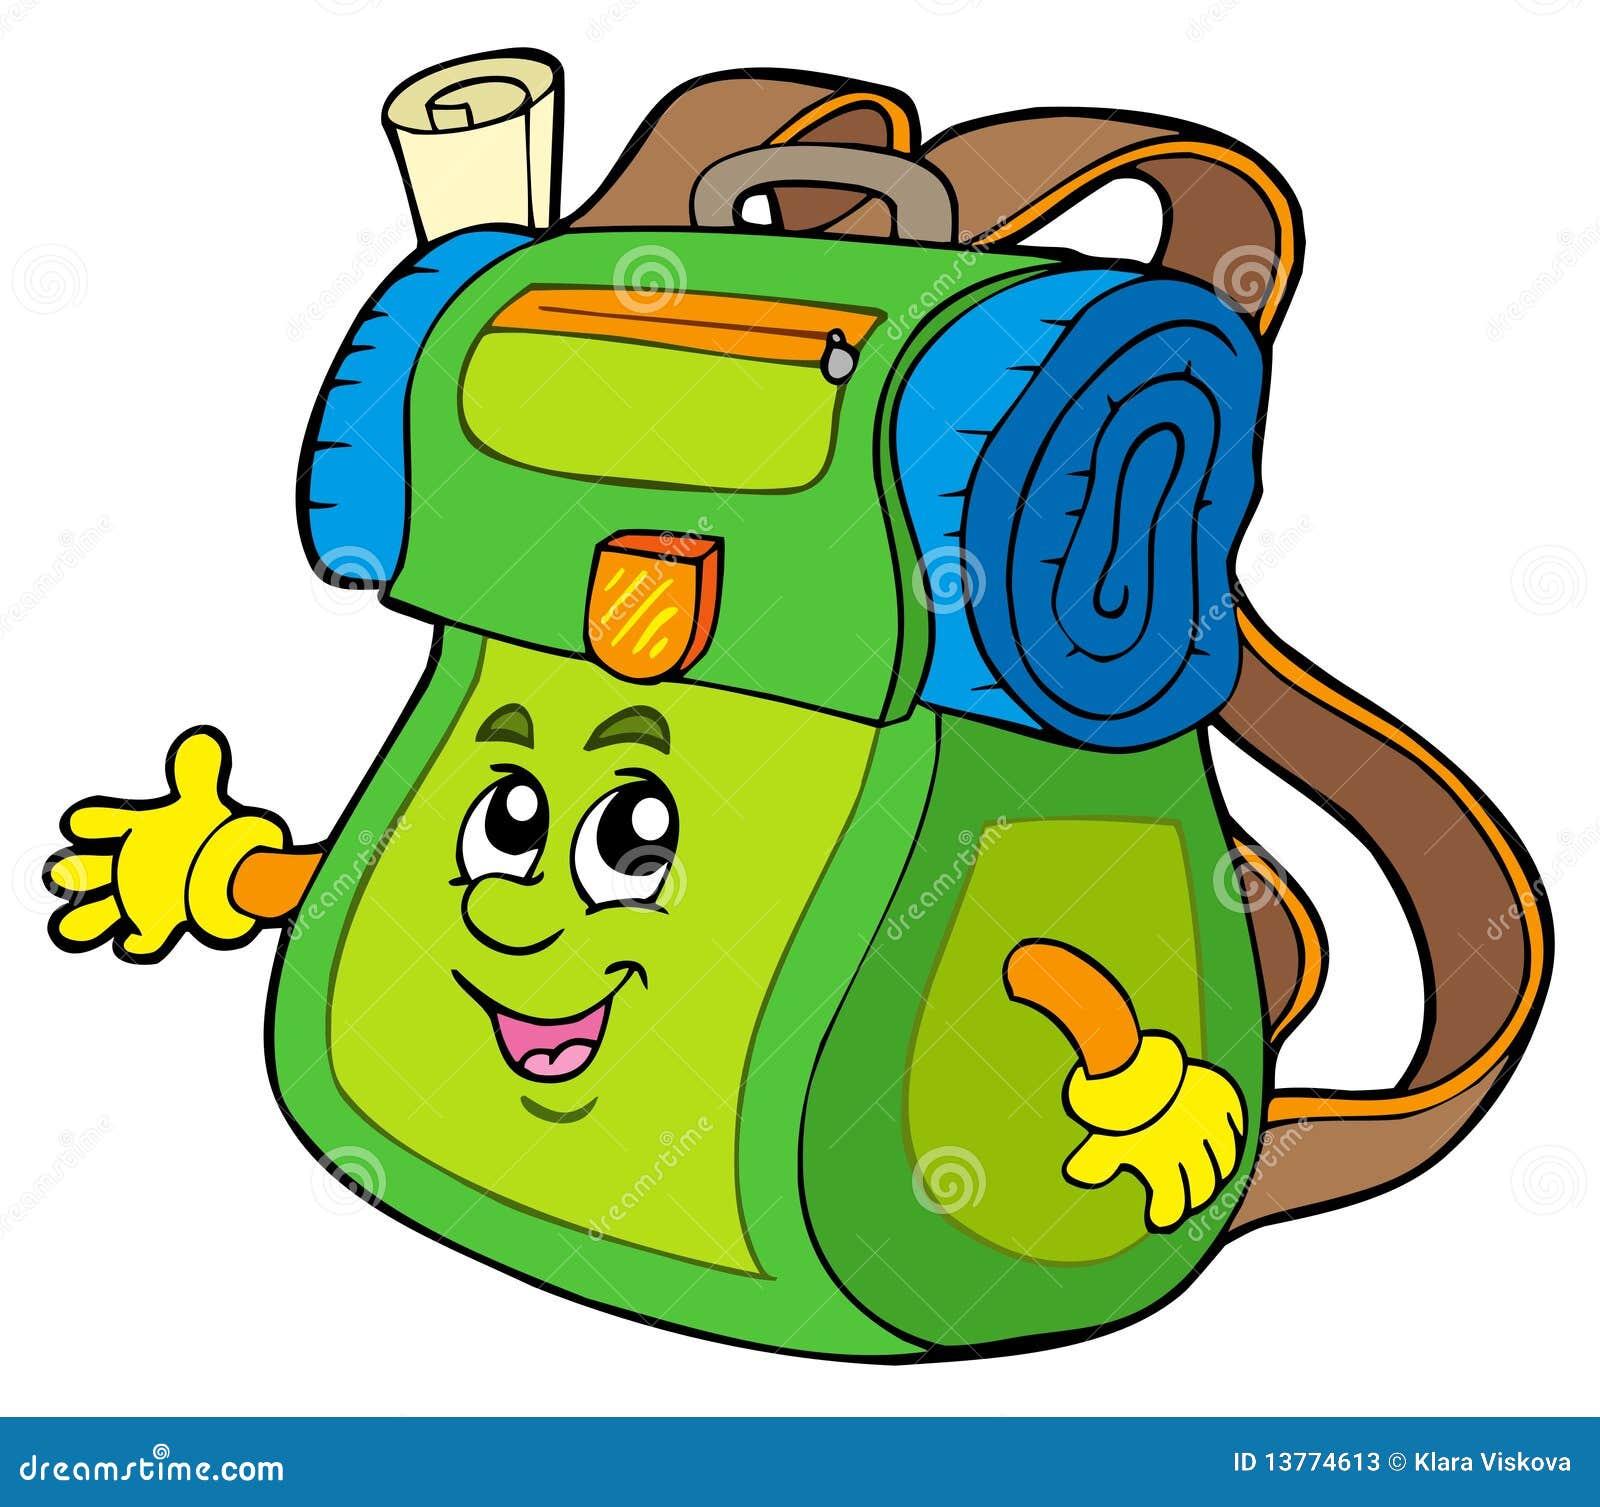 Sac dos de dessin anim photos stock image 13774613 - Coloriage sac a dos ...